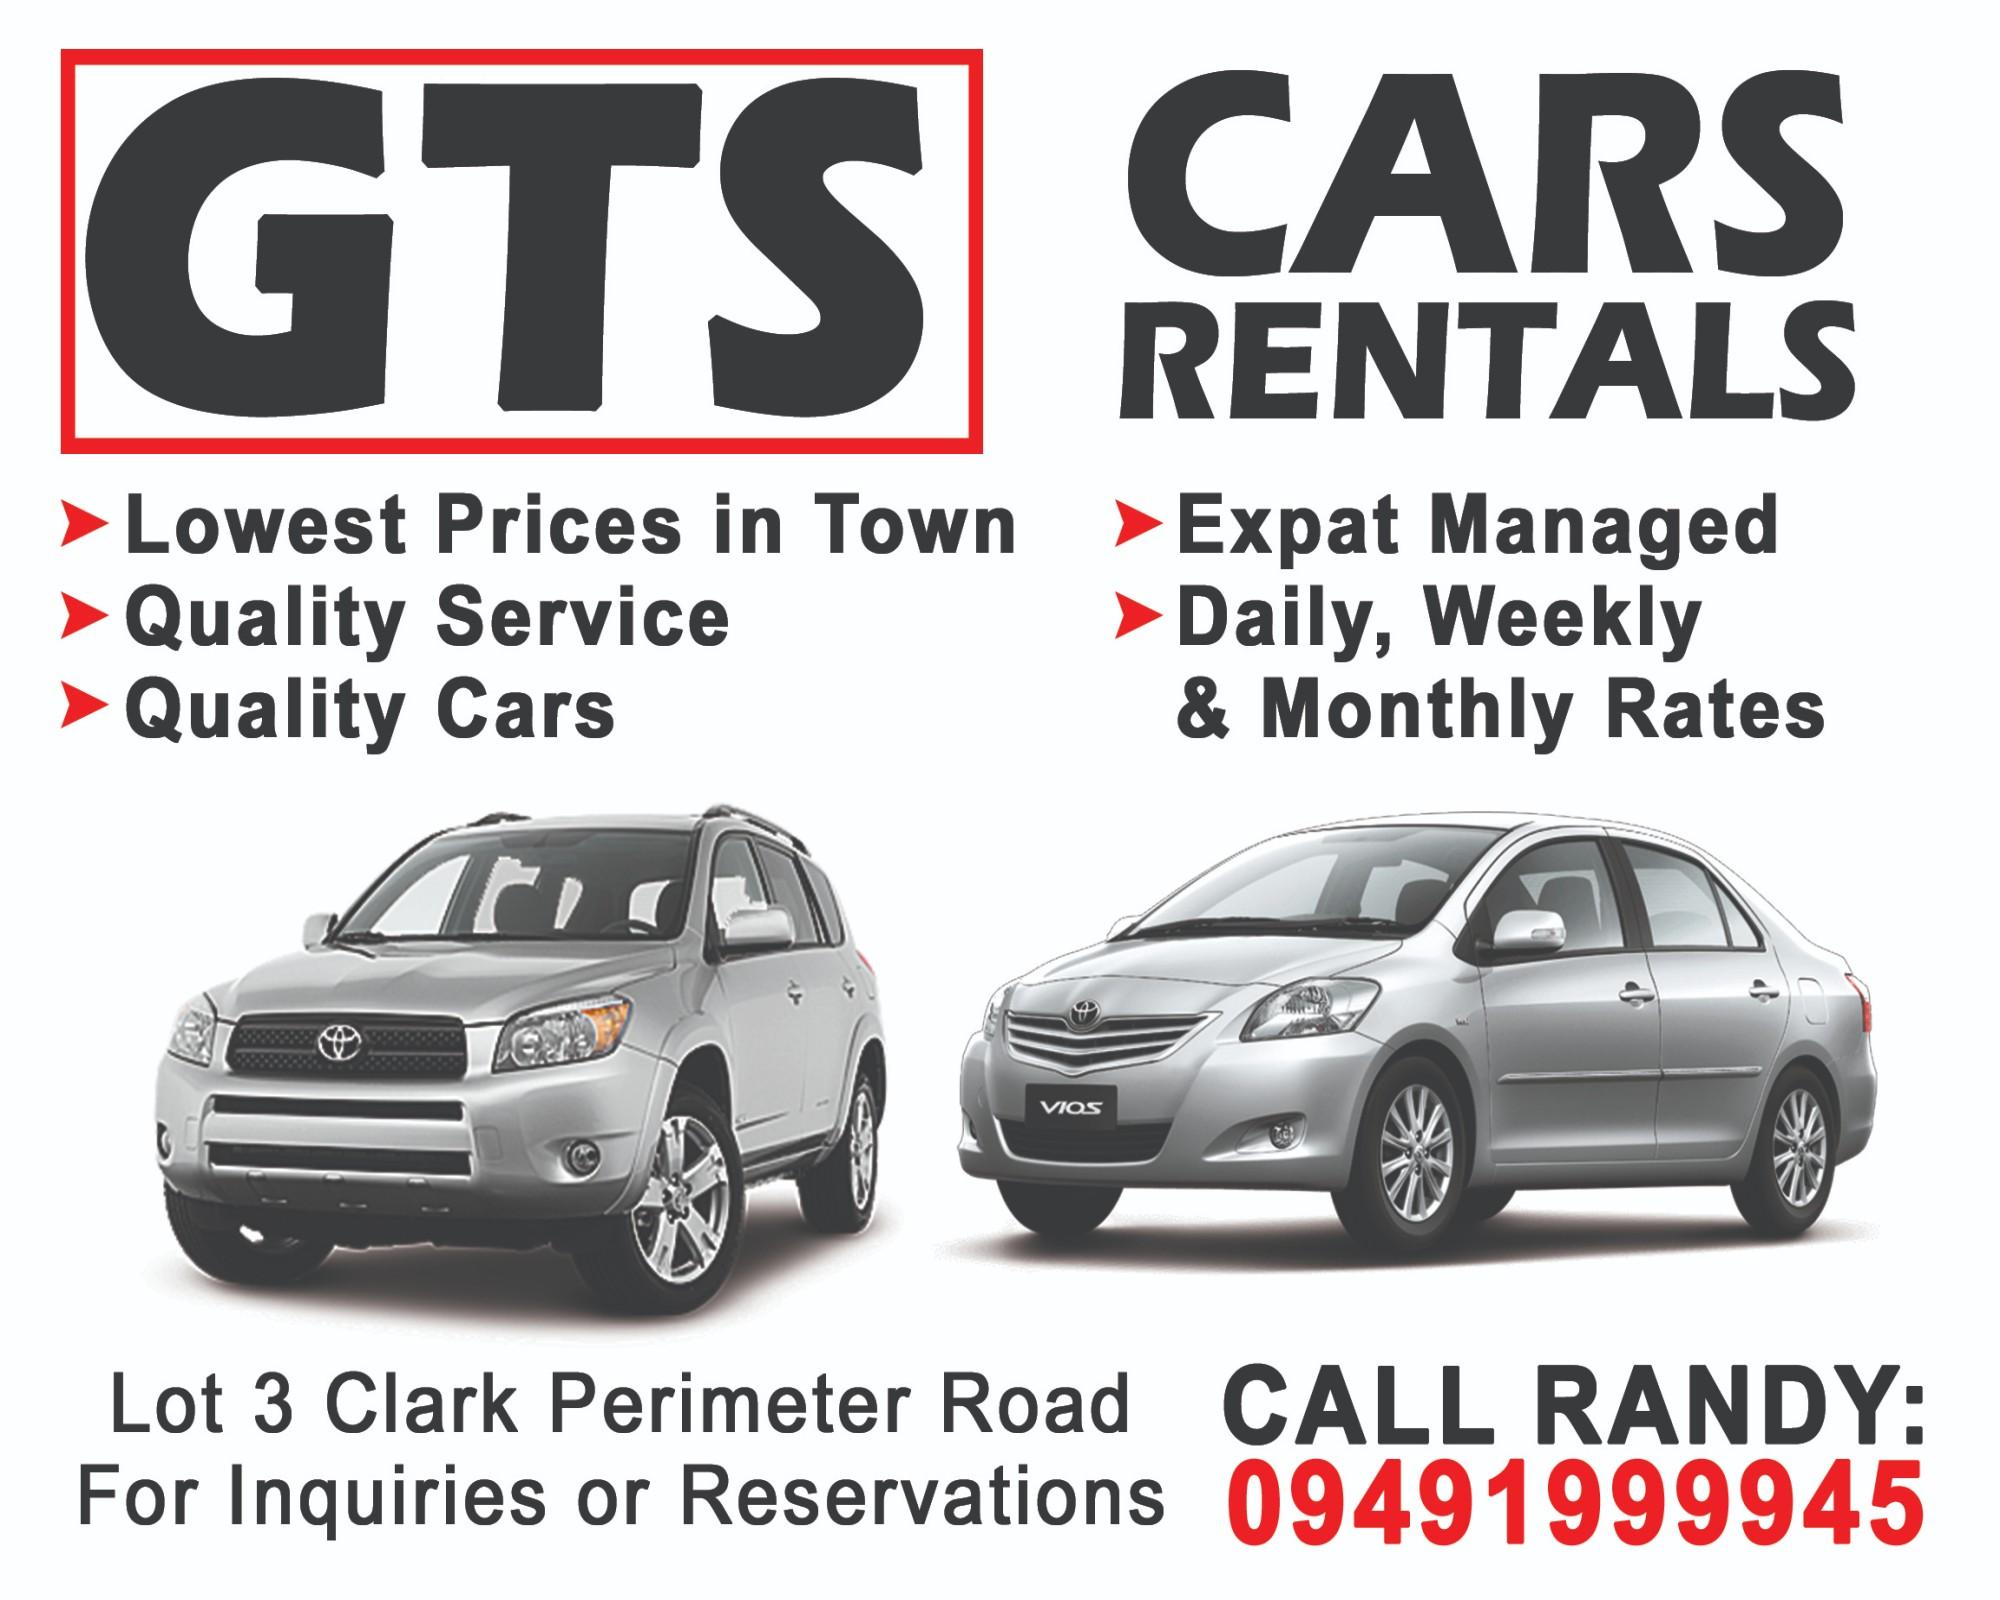 GTS Cars Rentals